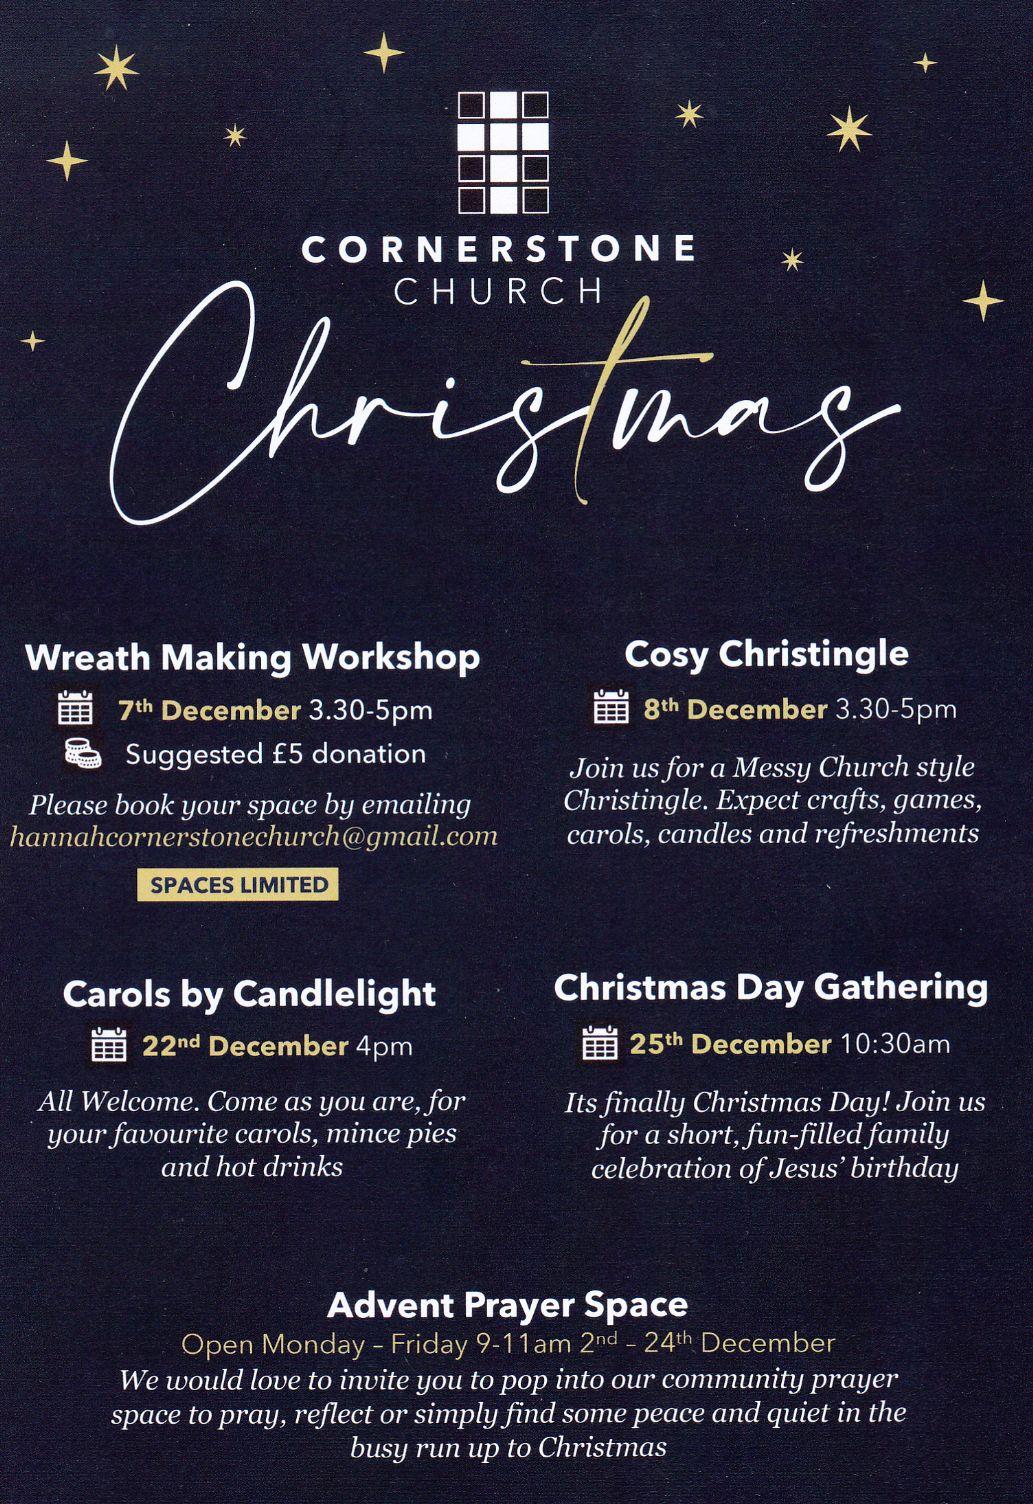 Christmas flyer image